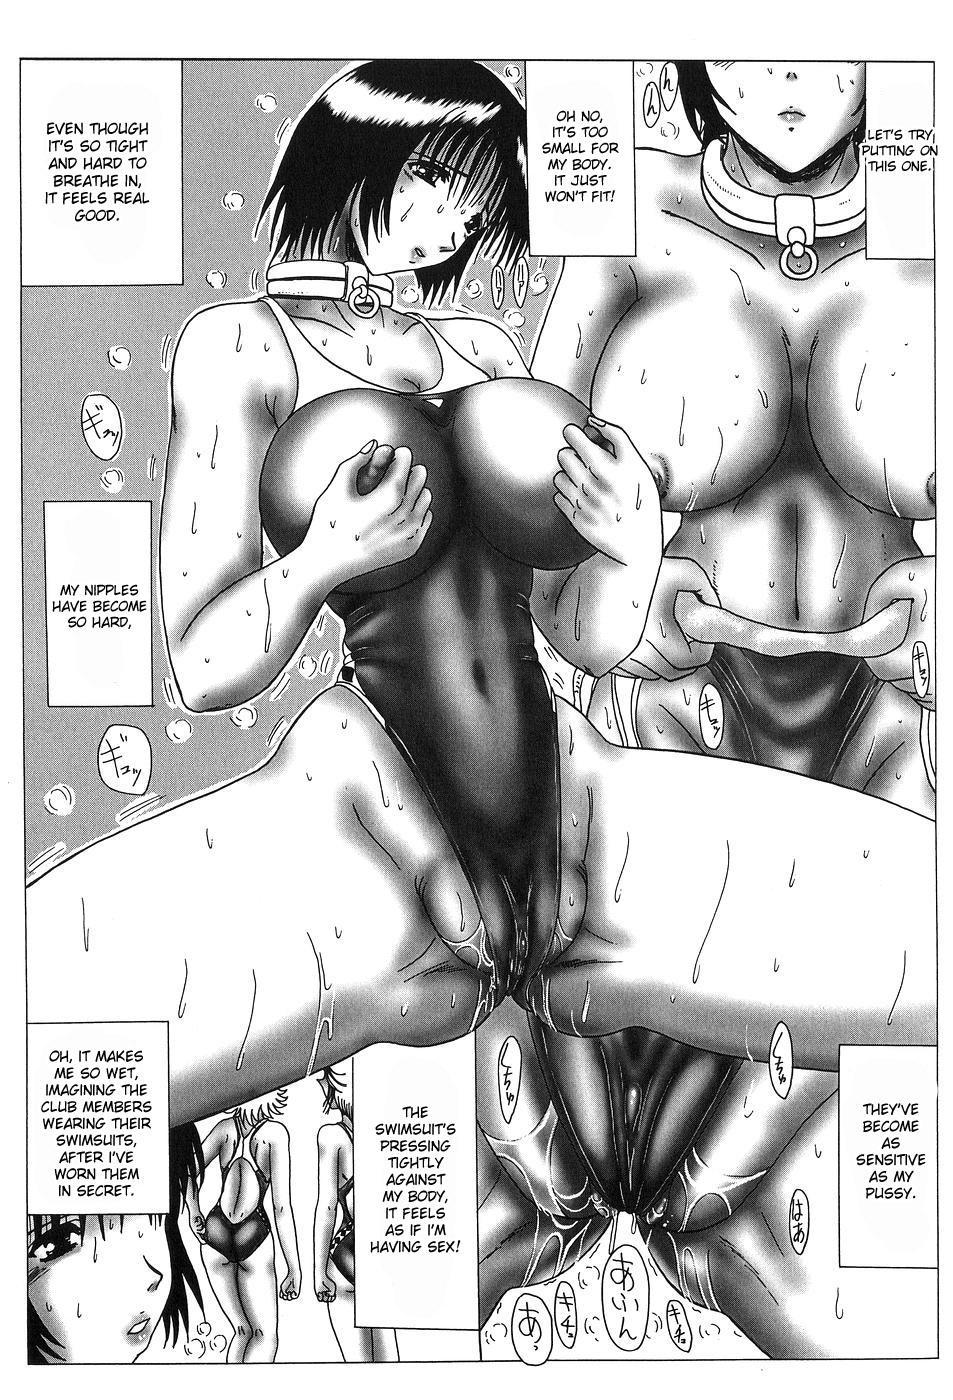 [Onibara] Roshutsu Mazo to Nikutai Joousama - Queen & Slave Ch. 1-5 [English] [desudesu] 11